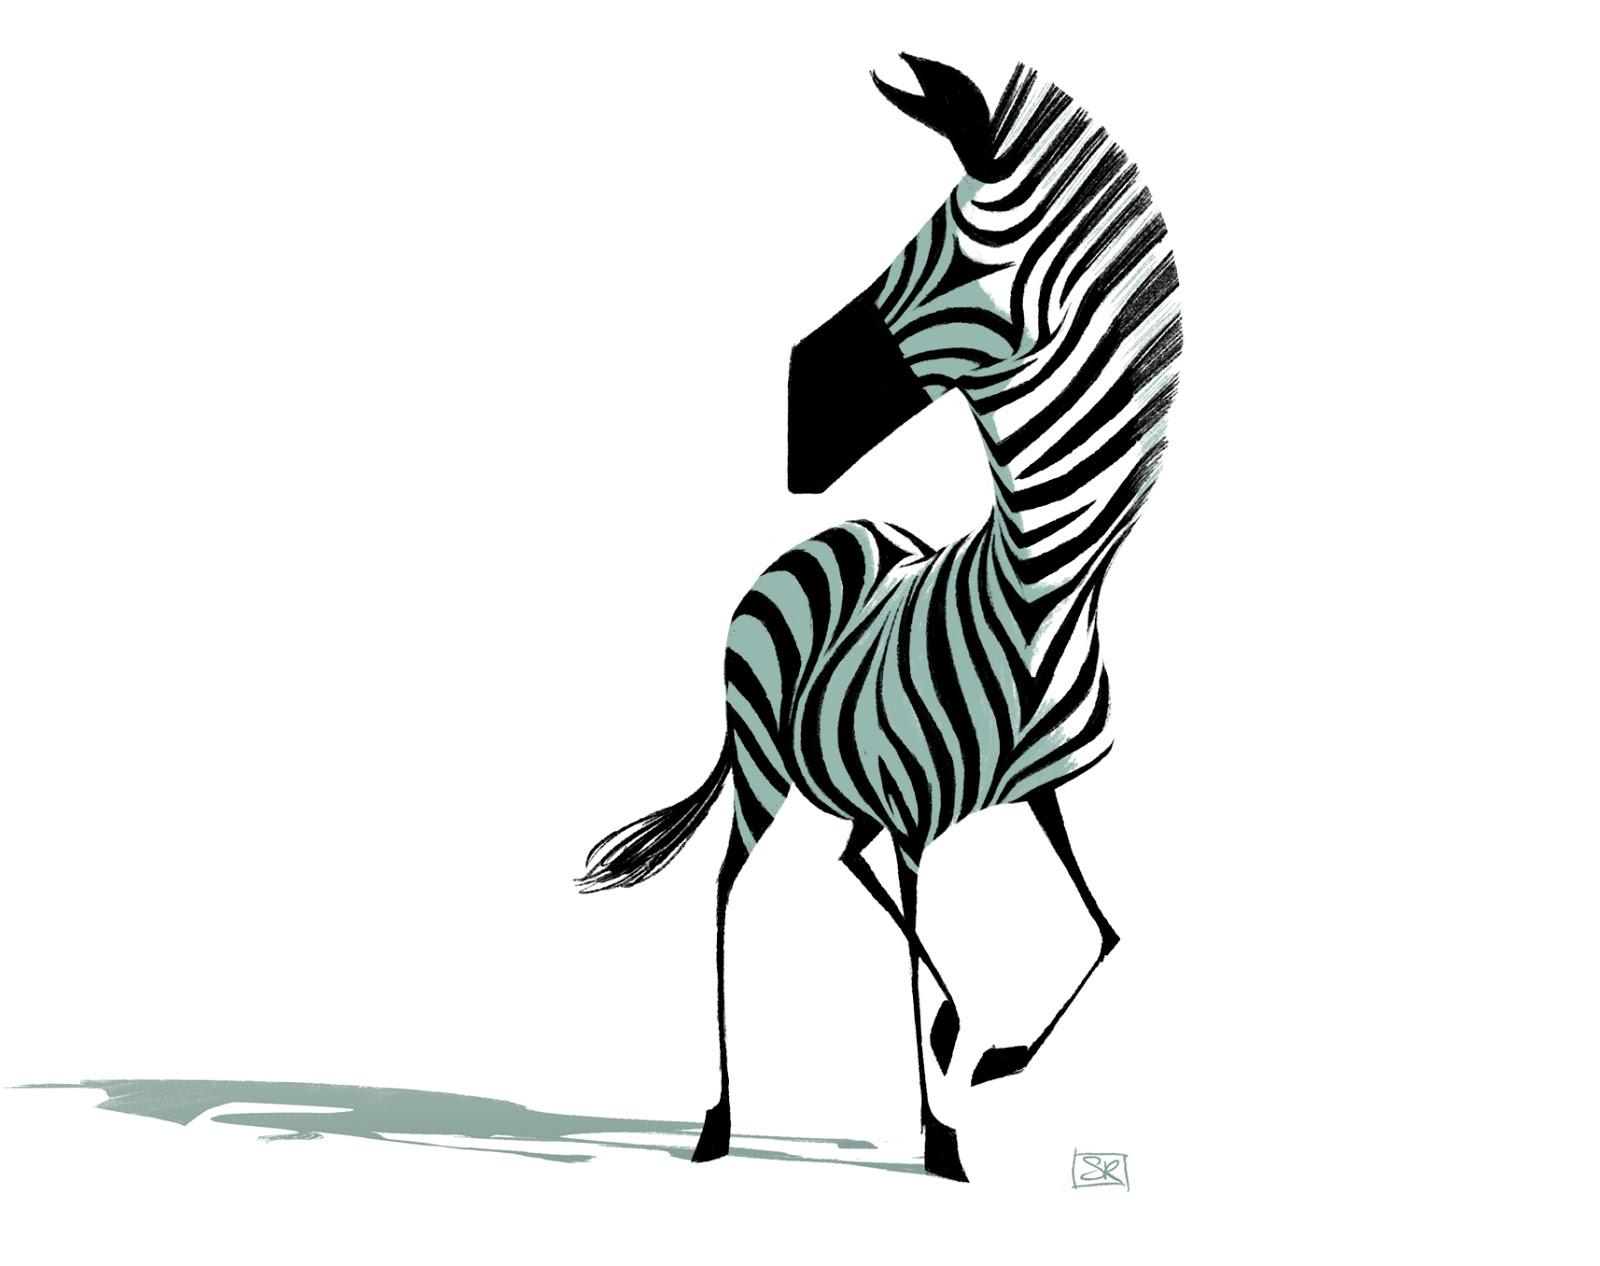 Zebra Character Design : Seb rouxel zebra